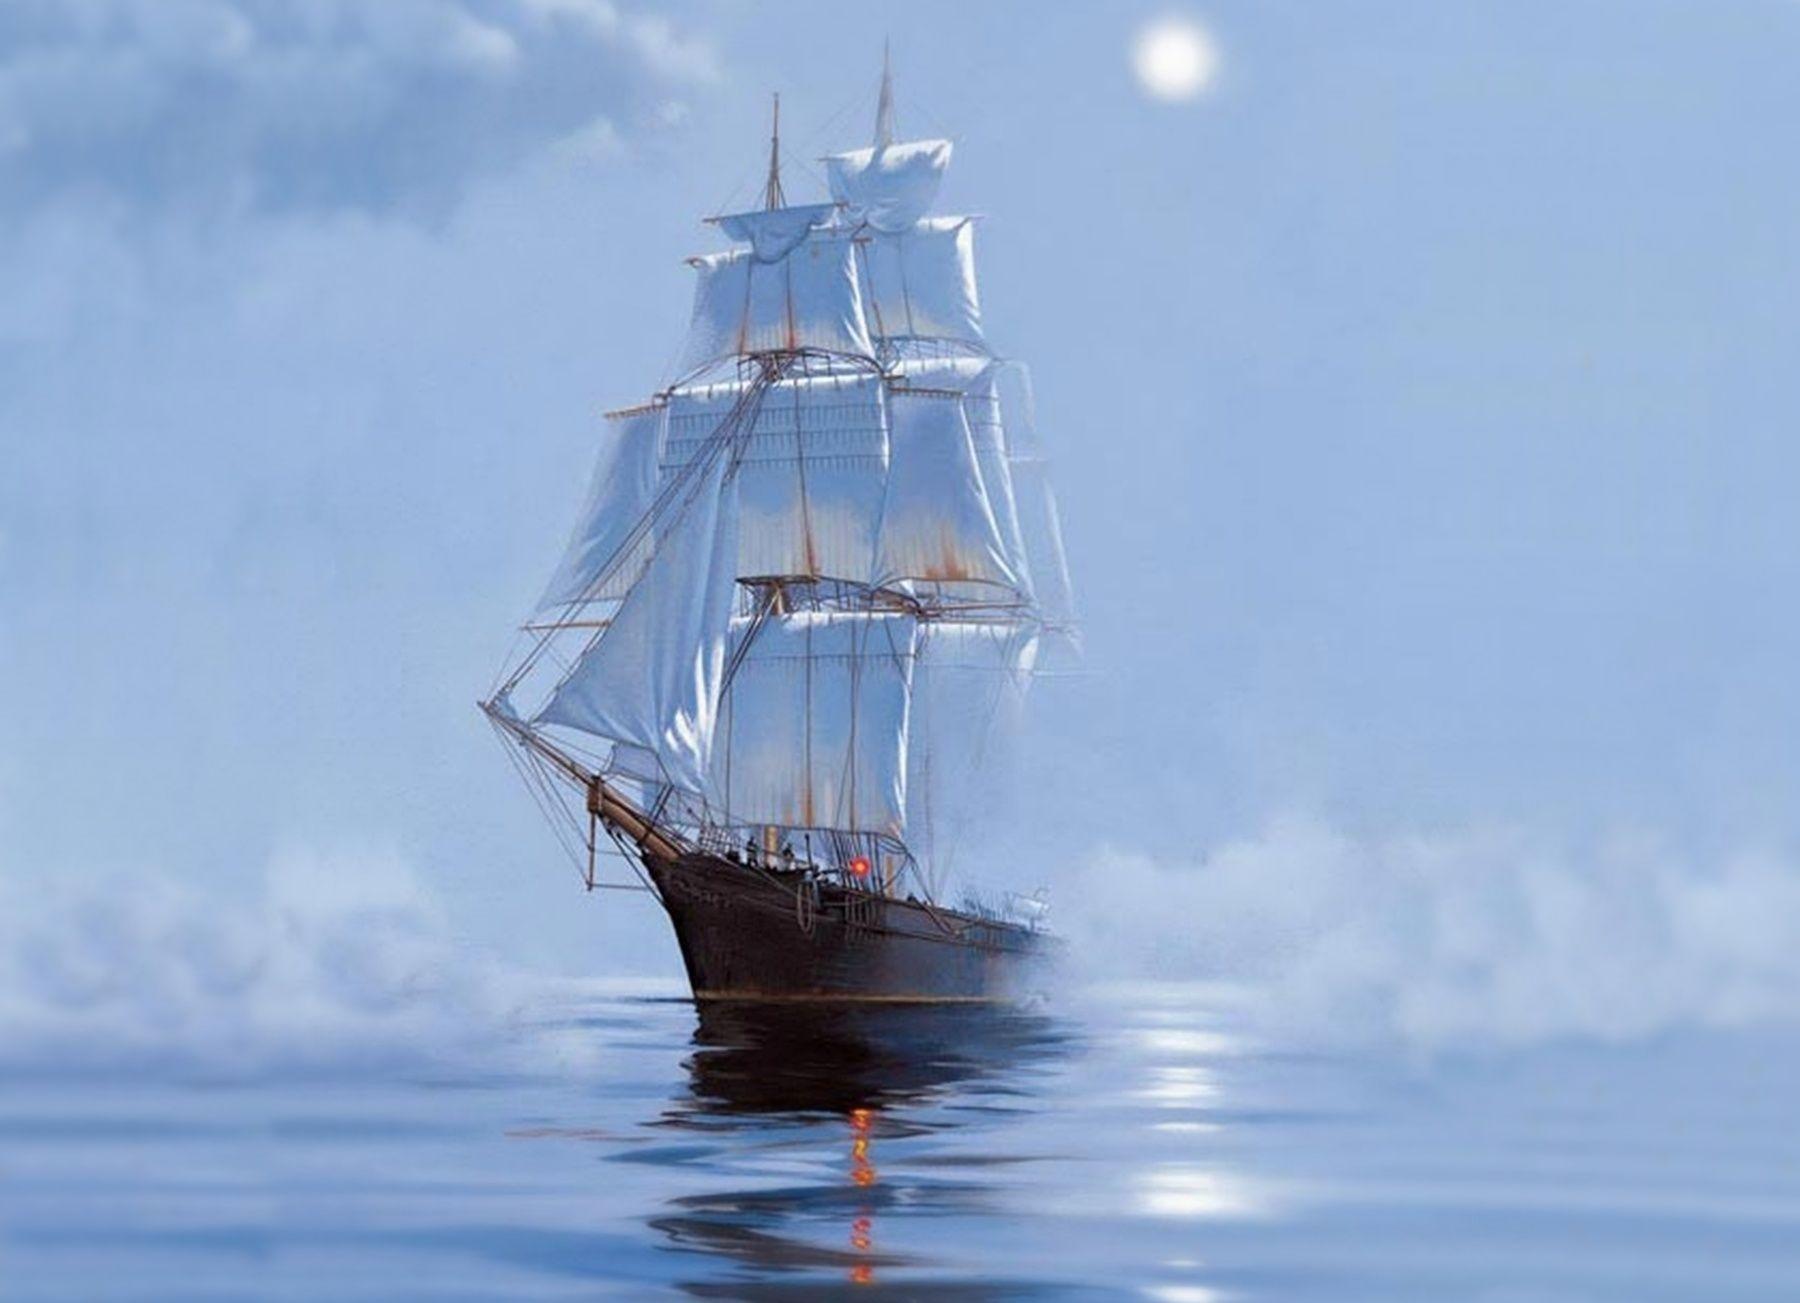 Fantasy ship cliff jolly roger pirate ship rock lightning wallpaper - Fantasy Ship Wallpaper